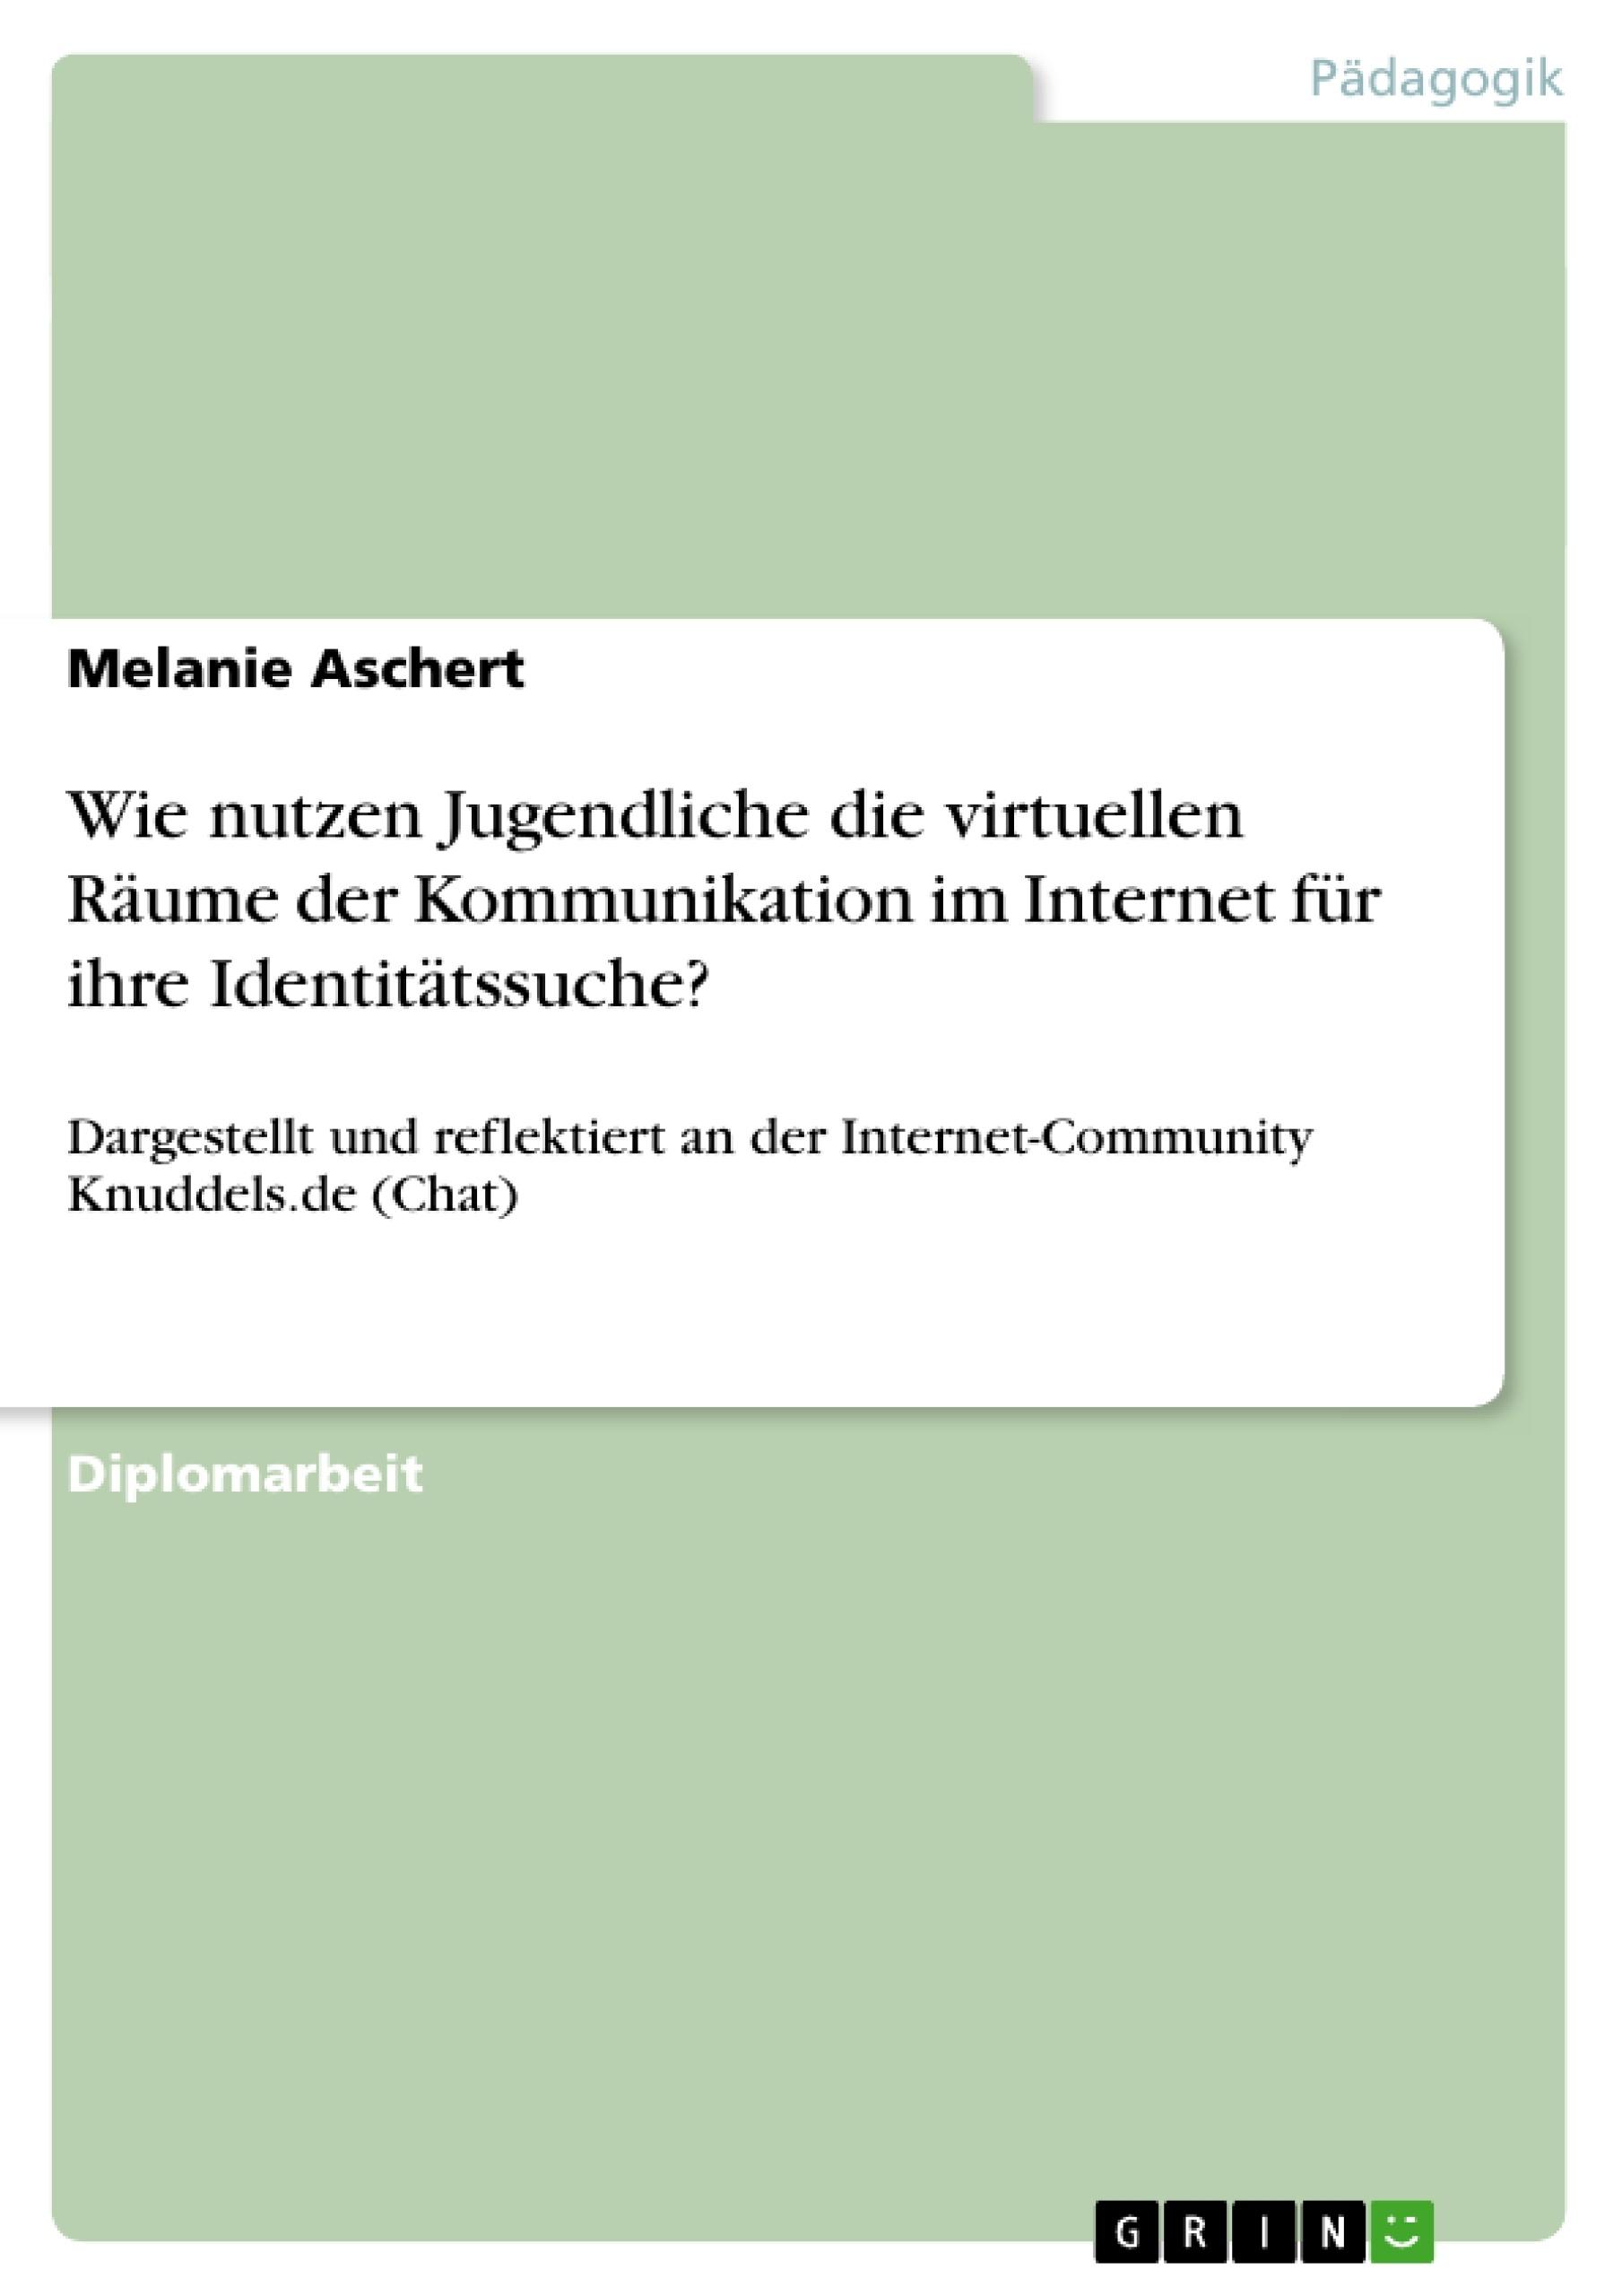 Titel: Wie nutzen Jugendliche die virtuellen Räume der Kommunikation im Internet für ihre Identitätssuche?